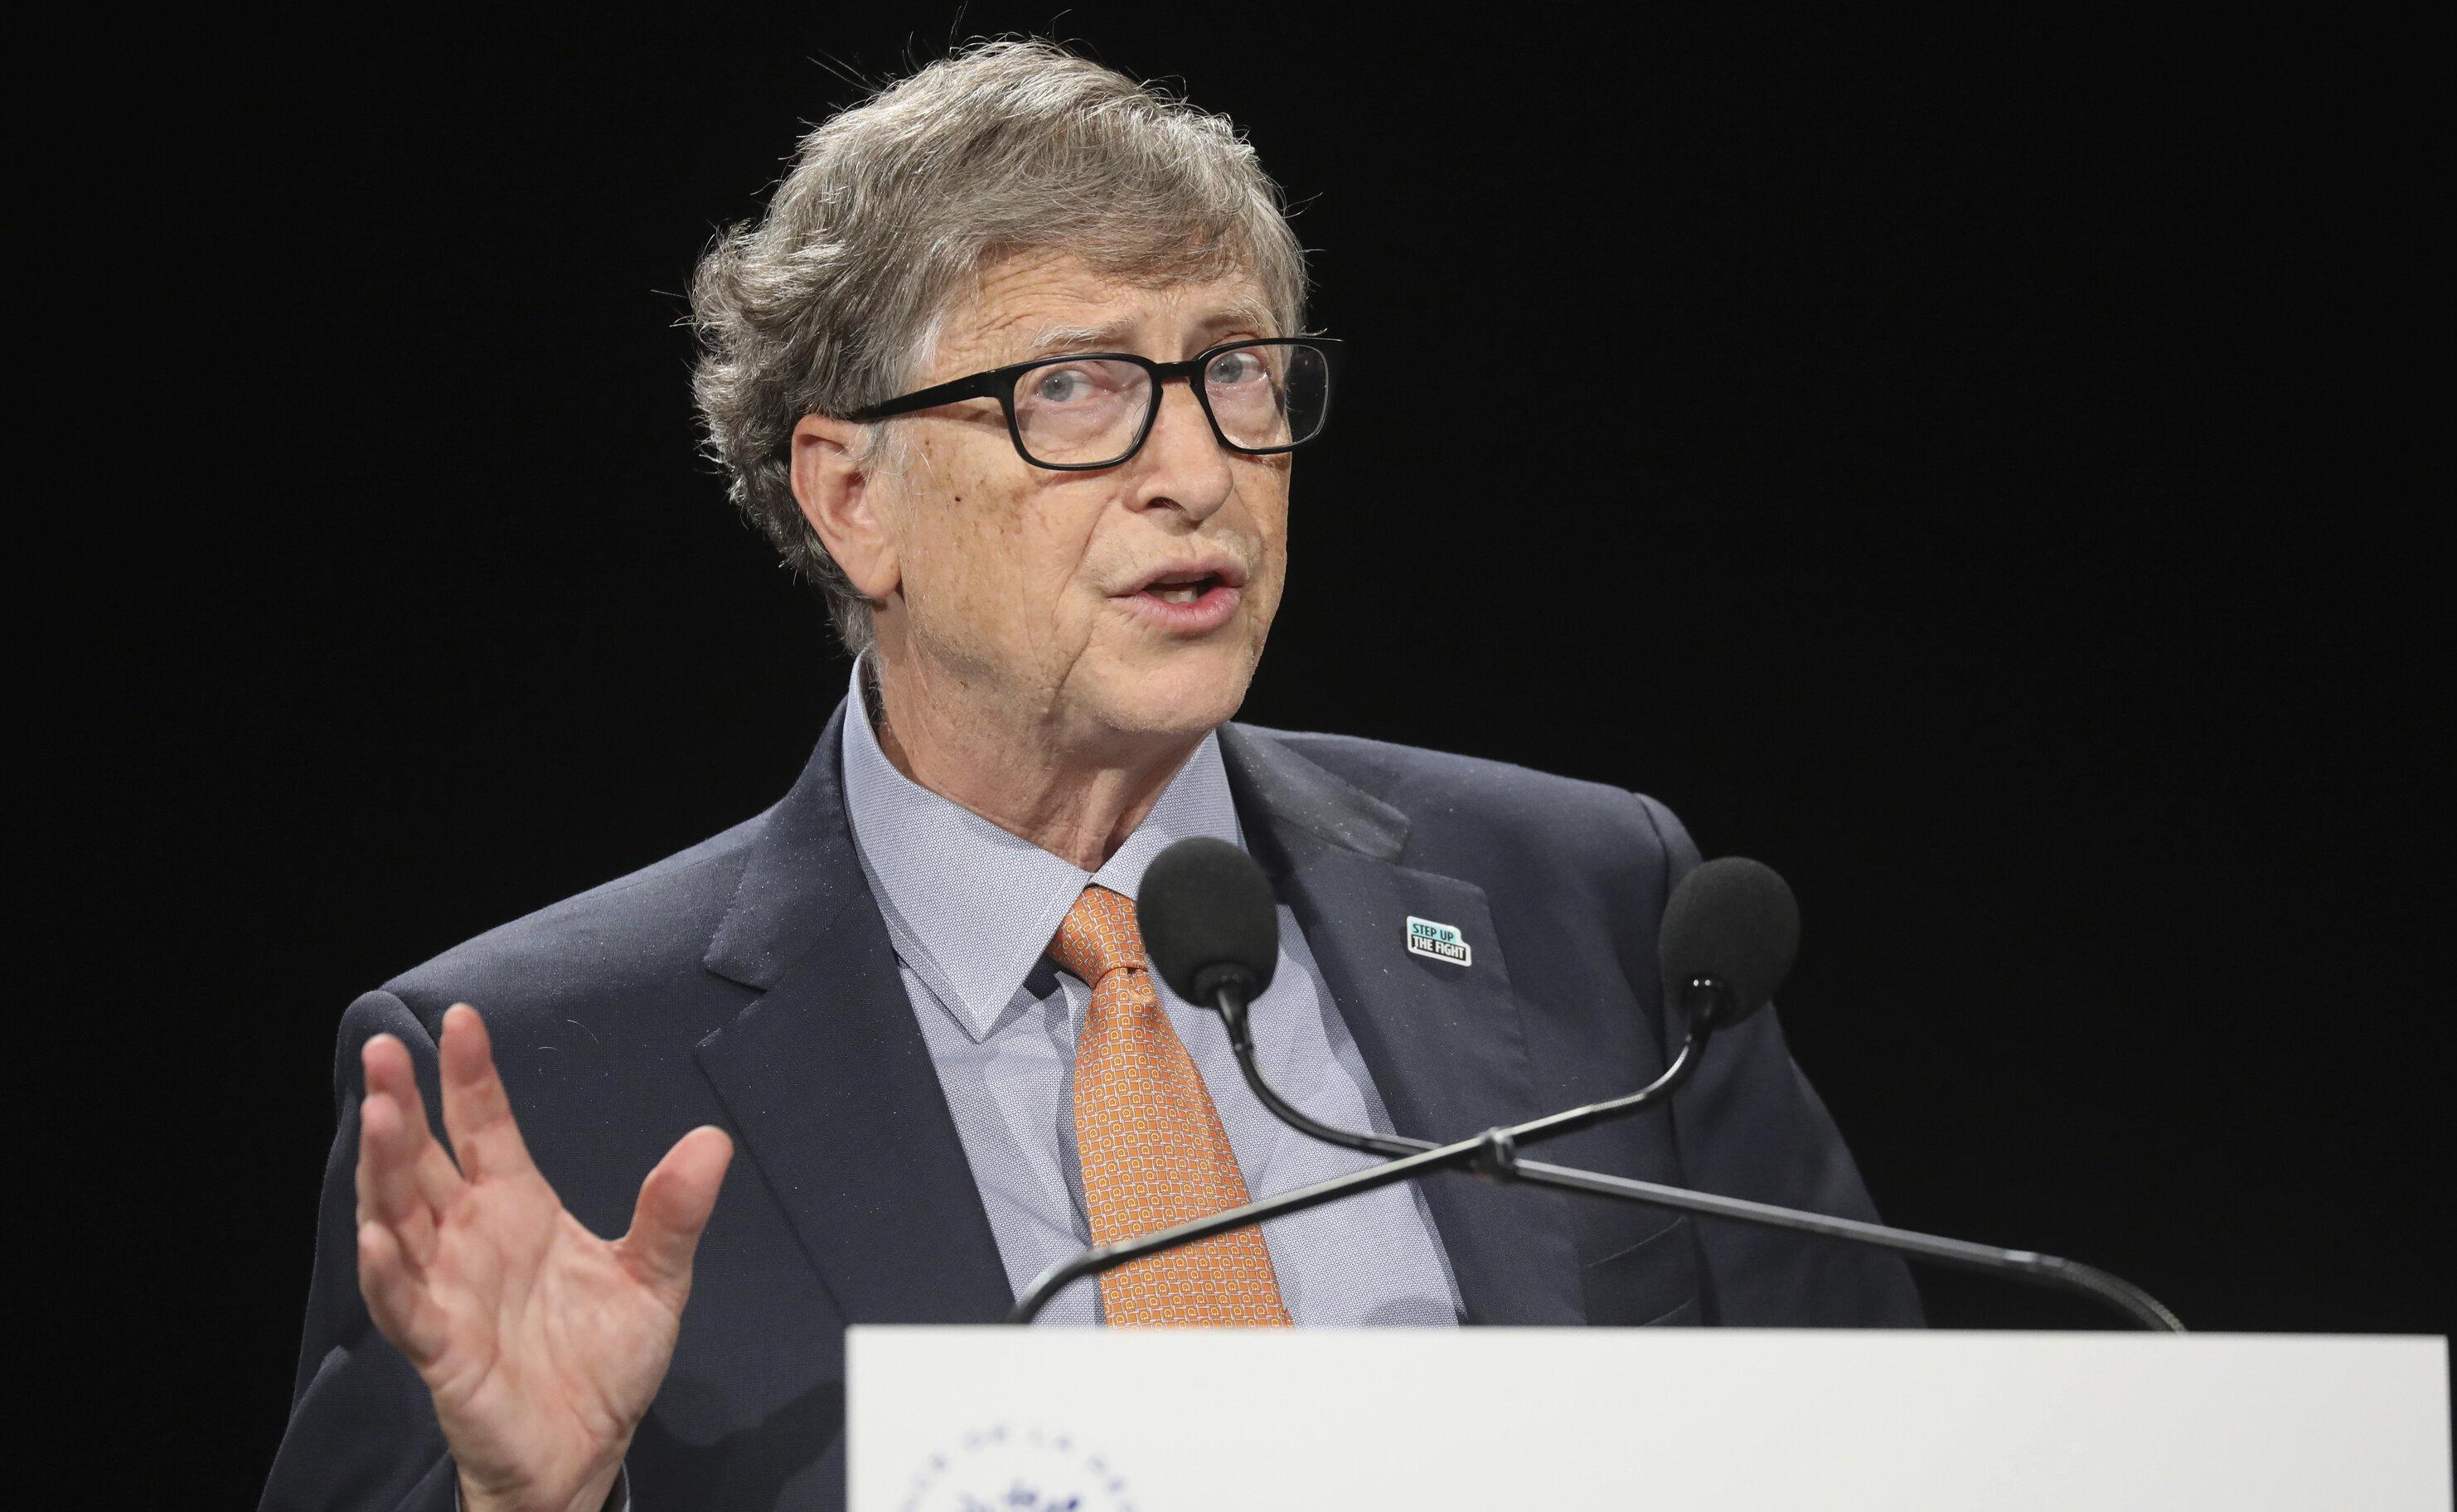 Bill Gates: Țările bogate vor depăși epidemia Covid-19 în 2021, dar cele sărace s-au întors în timp cu 25 de ani